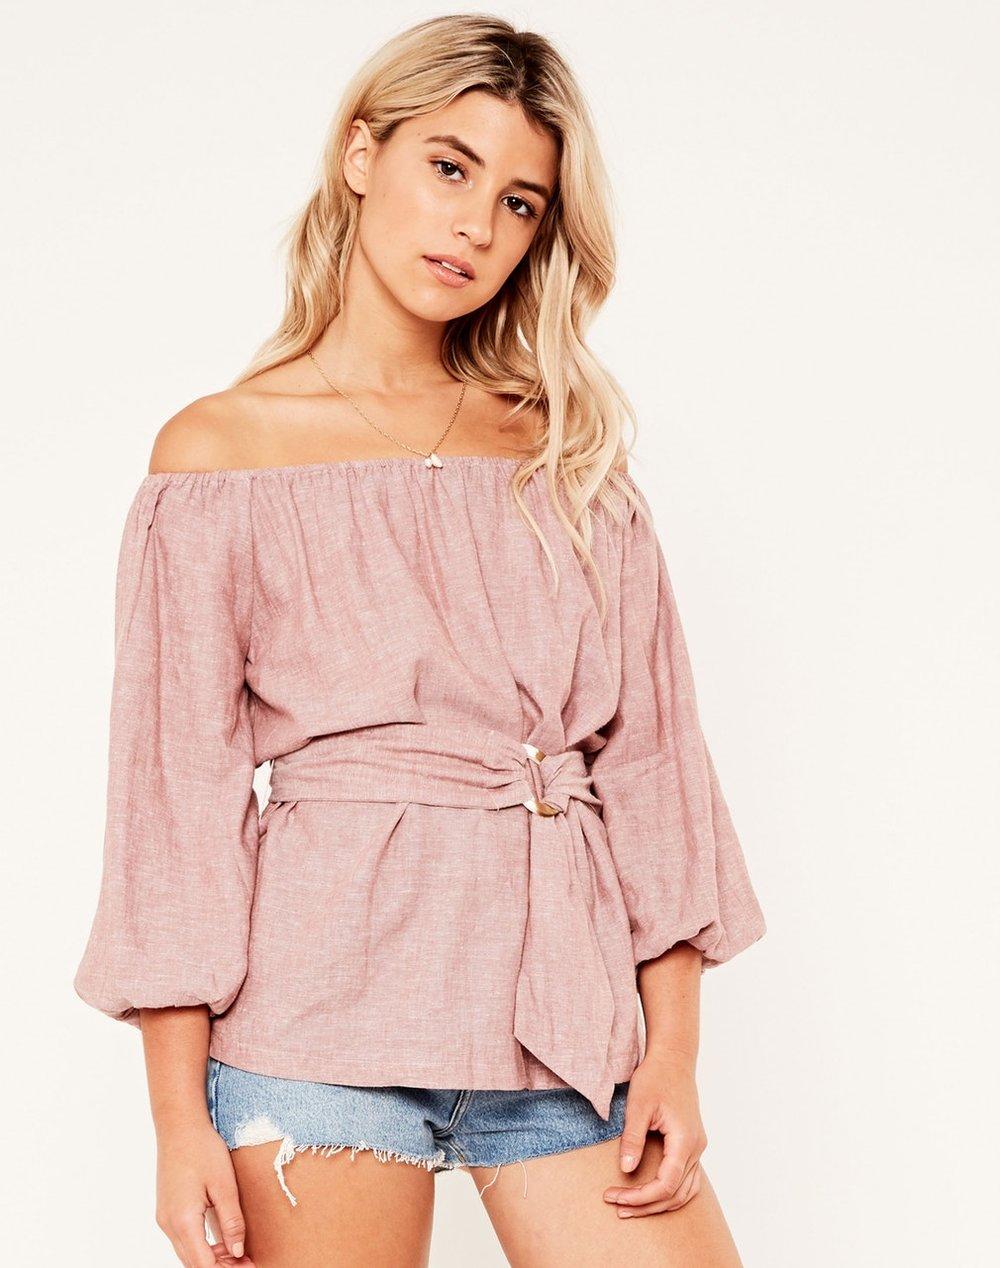 linen-blend-bardot-blouse-sweetheartwhite-front-bl39721lv_1539312402.jpg